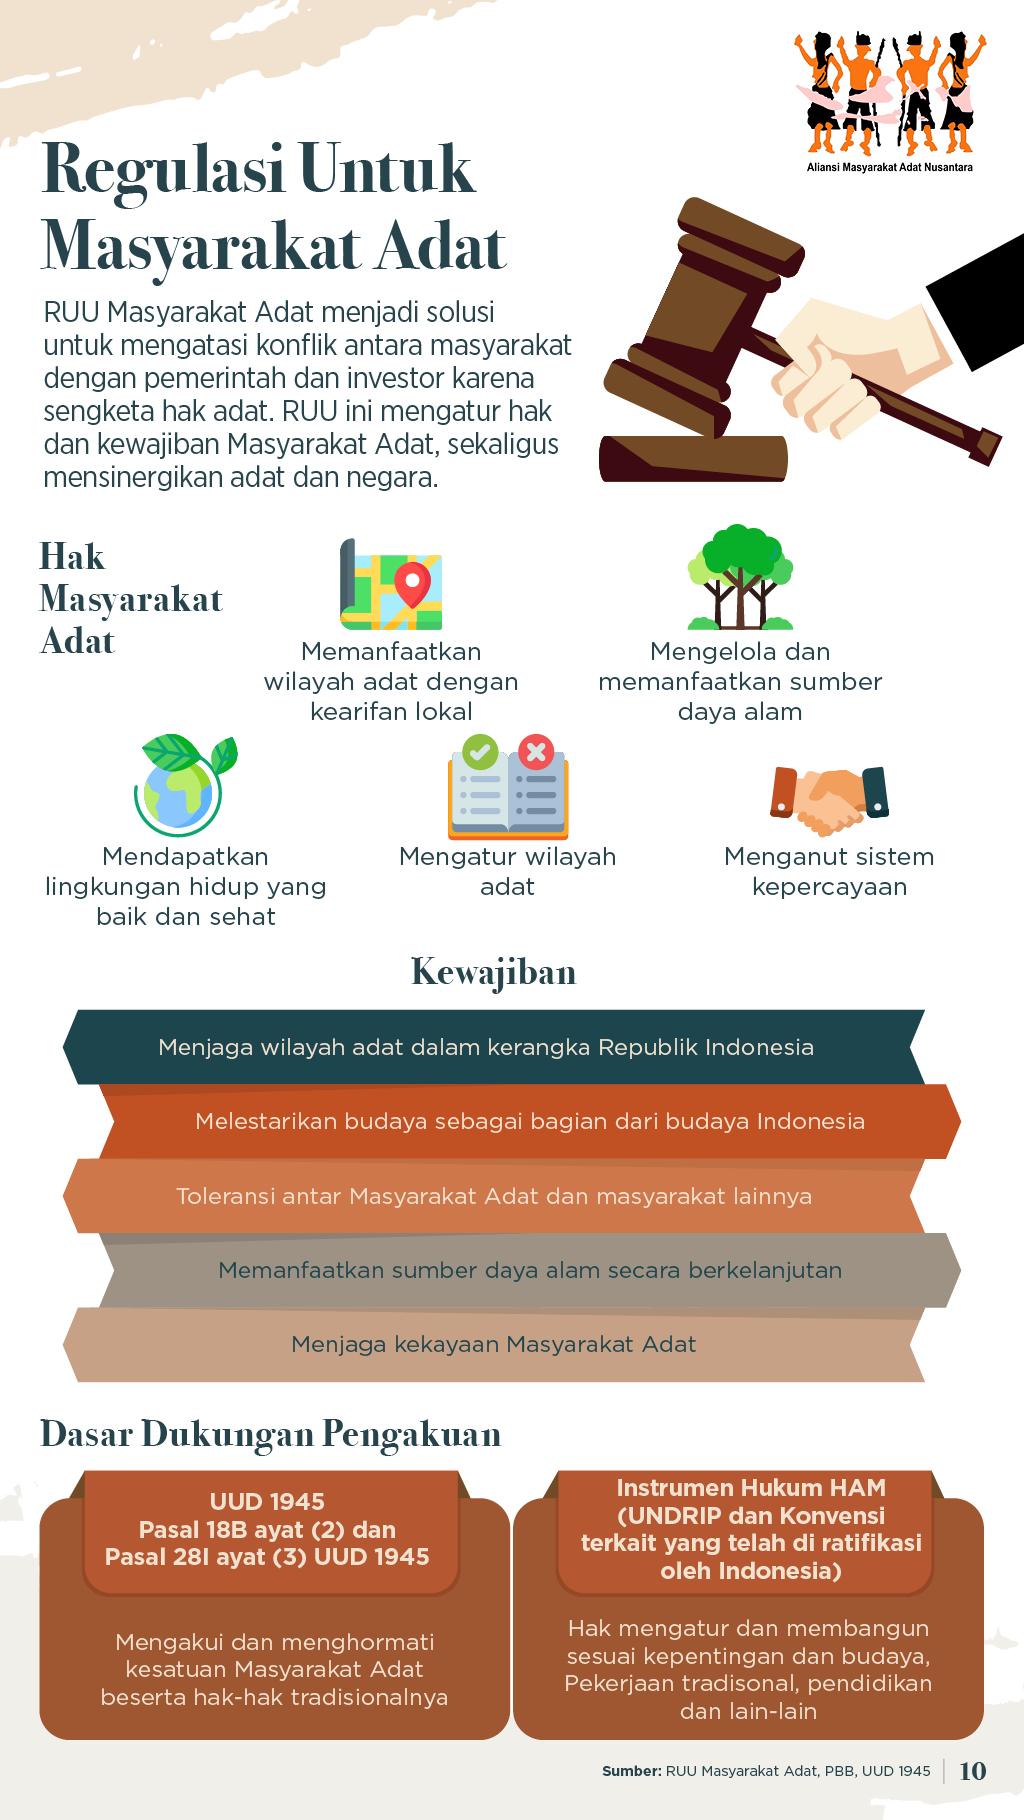 Regulasi Masyarakat Adat